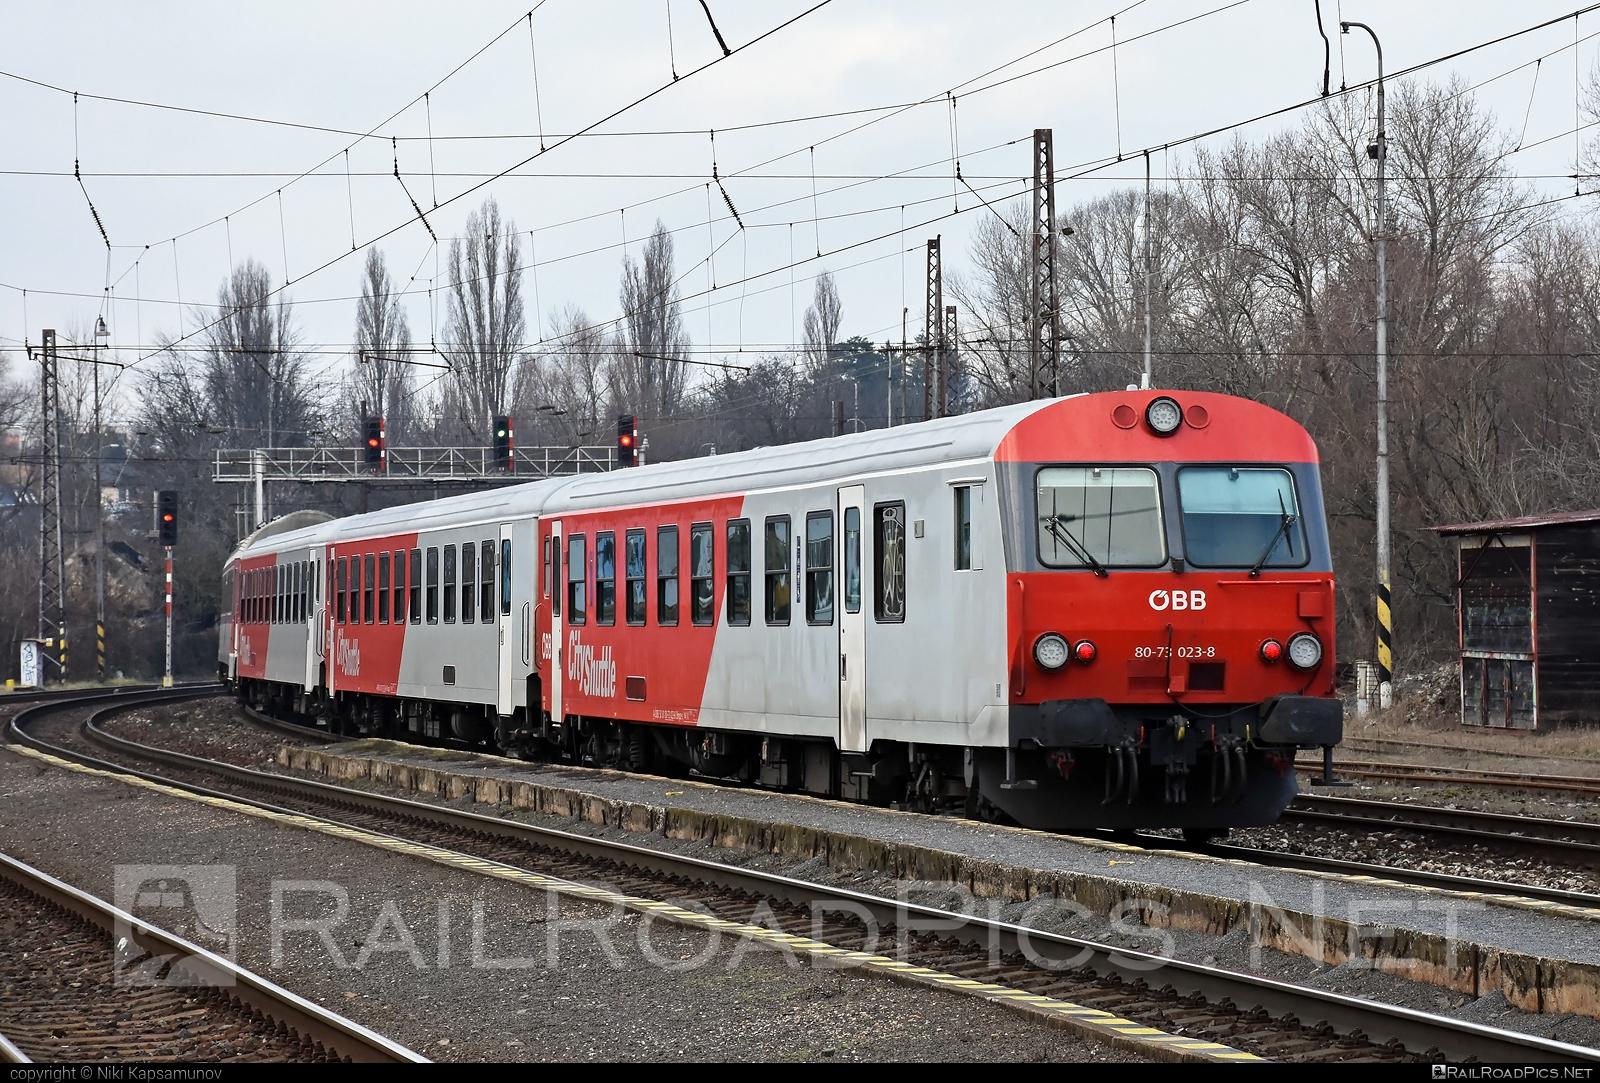 Class B - Bmpz-s - ÖBB CityShuttle control car - 80-73 023-8 operated by Österreichische Bundesbahnen #cityshuttle #obb #osterreichischebundesbahnen